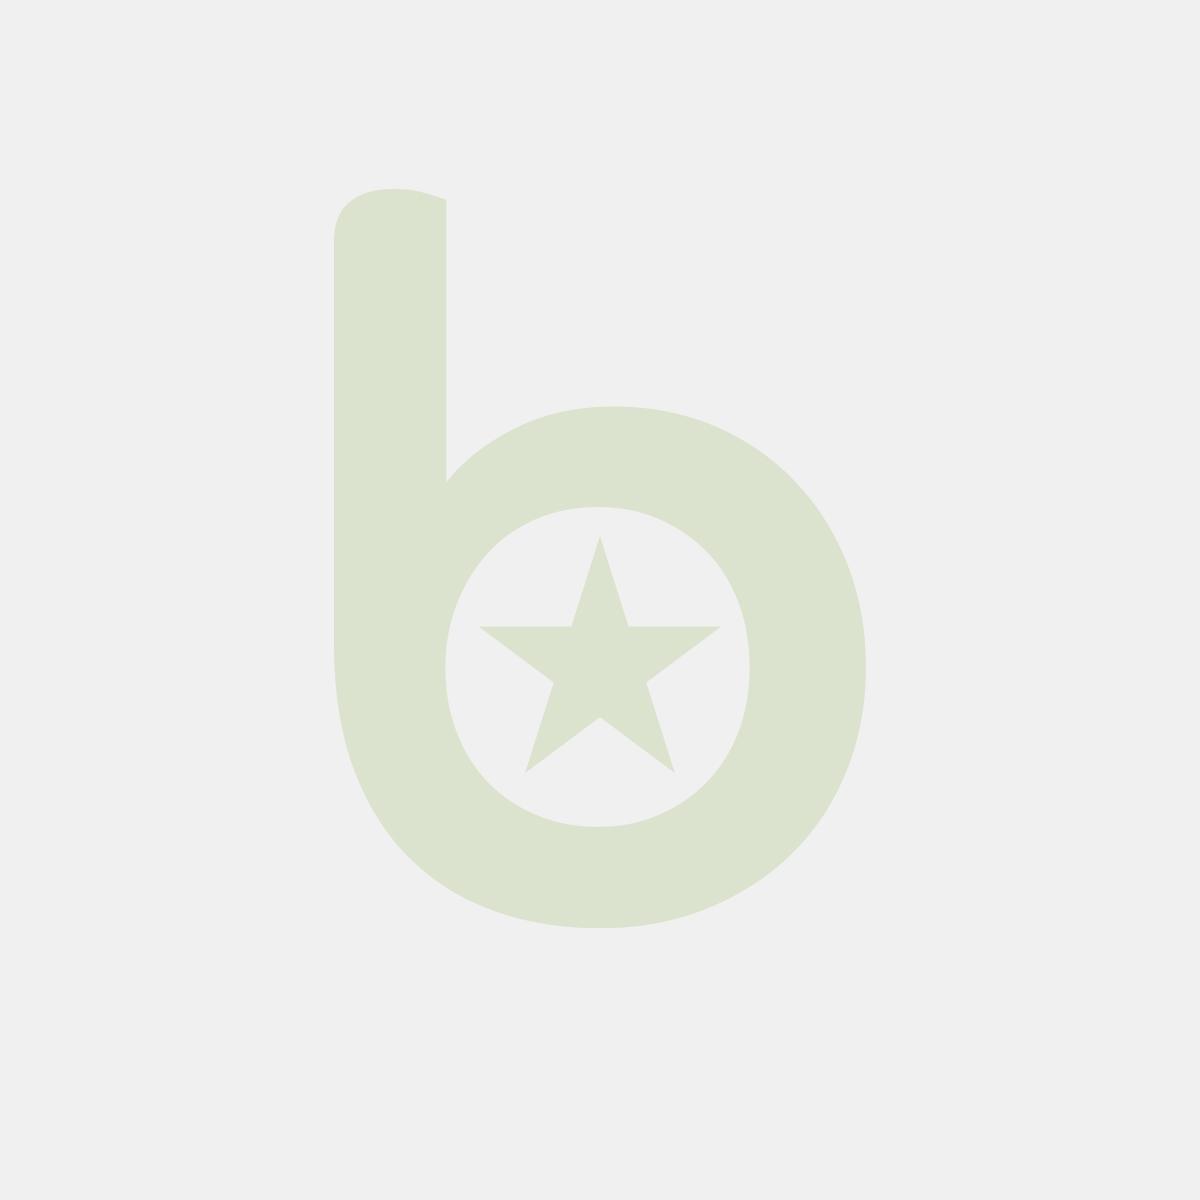 Widelczyk FINGERFOOD kolor: transparentny, 10 cm, PS, 50 szt. w opakowaniu